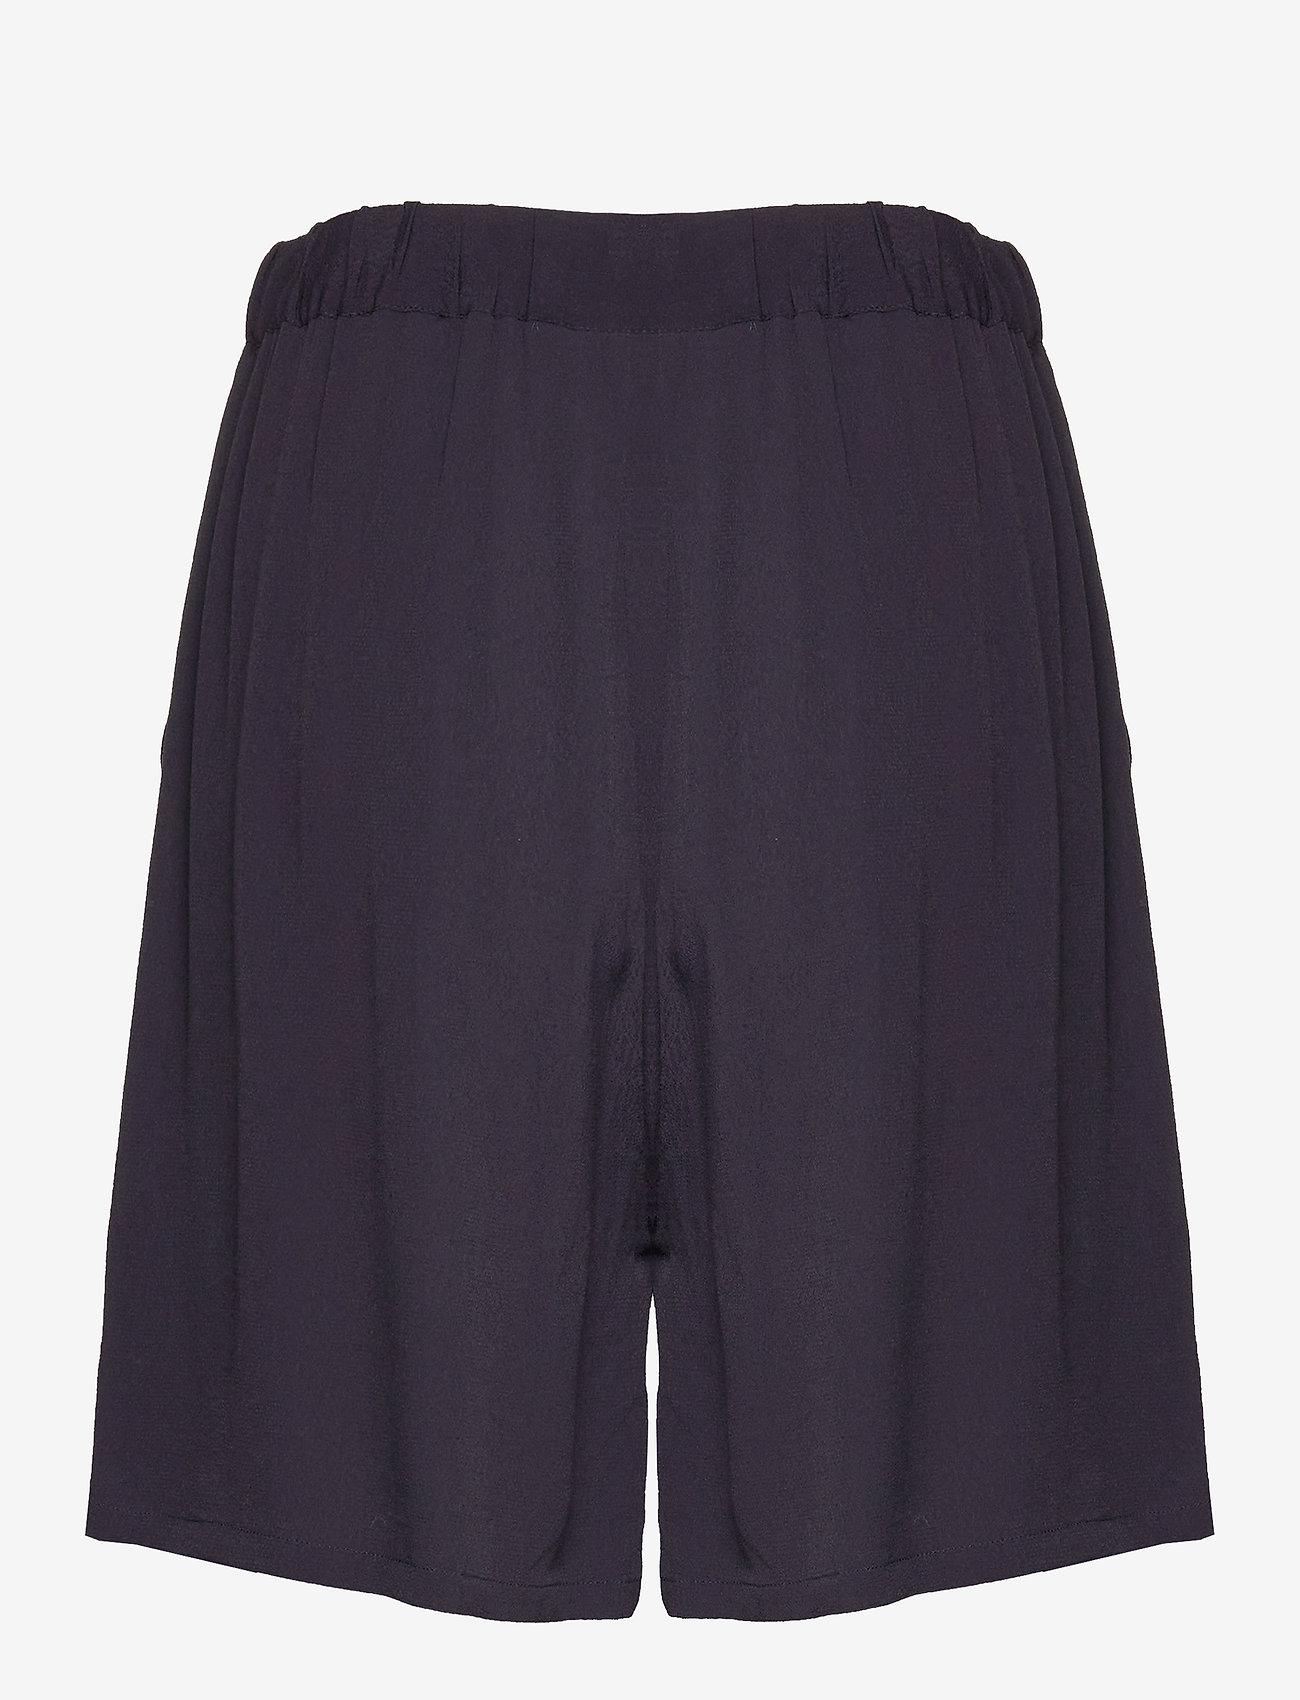 Saint Tropez J5904, Aminasz Shorts -